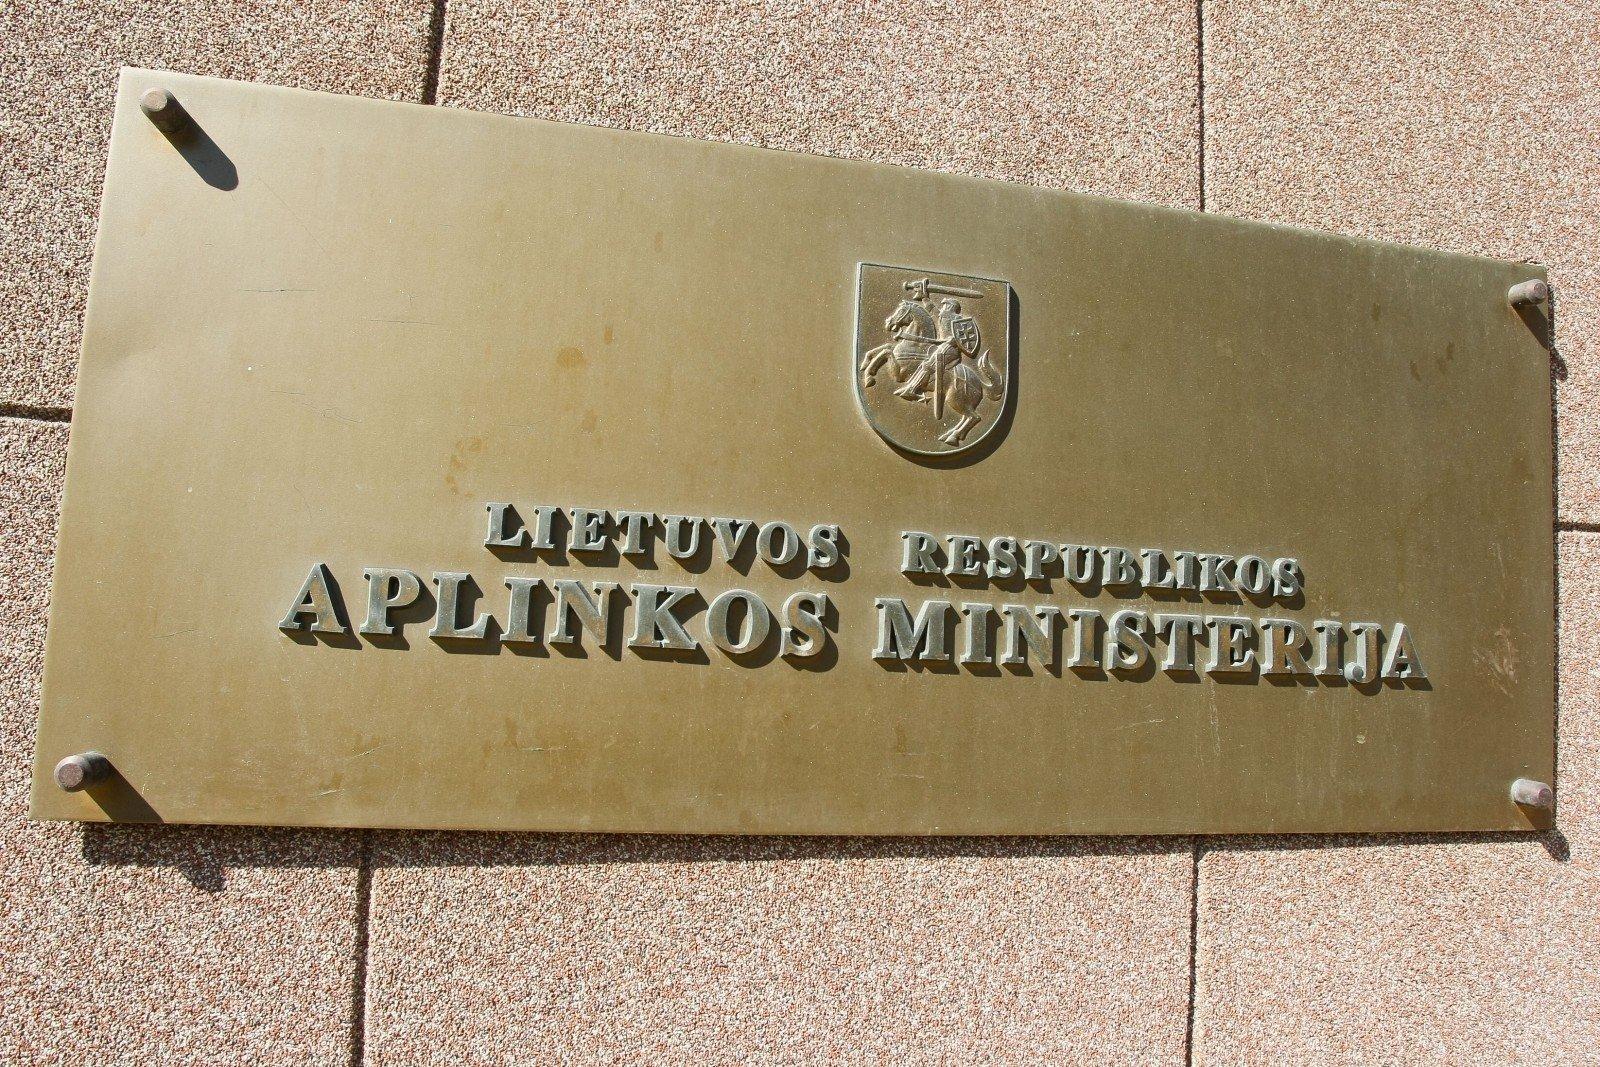 Lietuvos respublikos miškų įstatymas